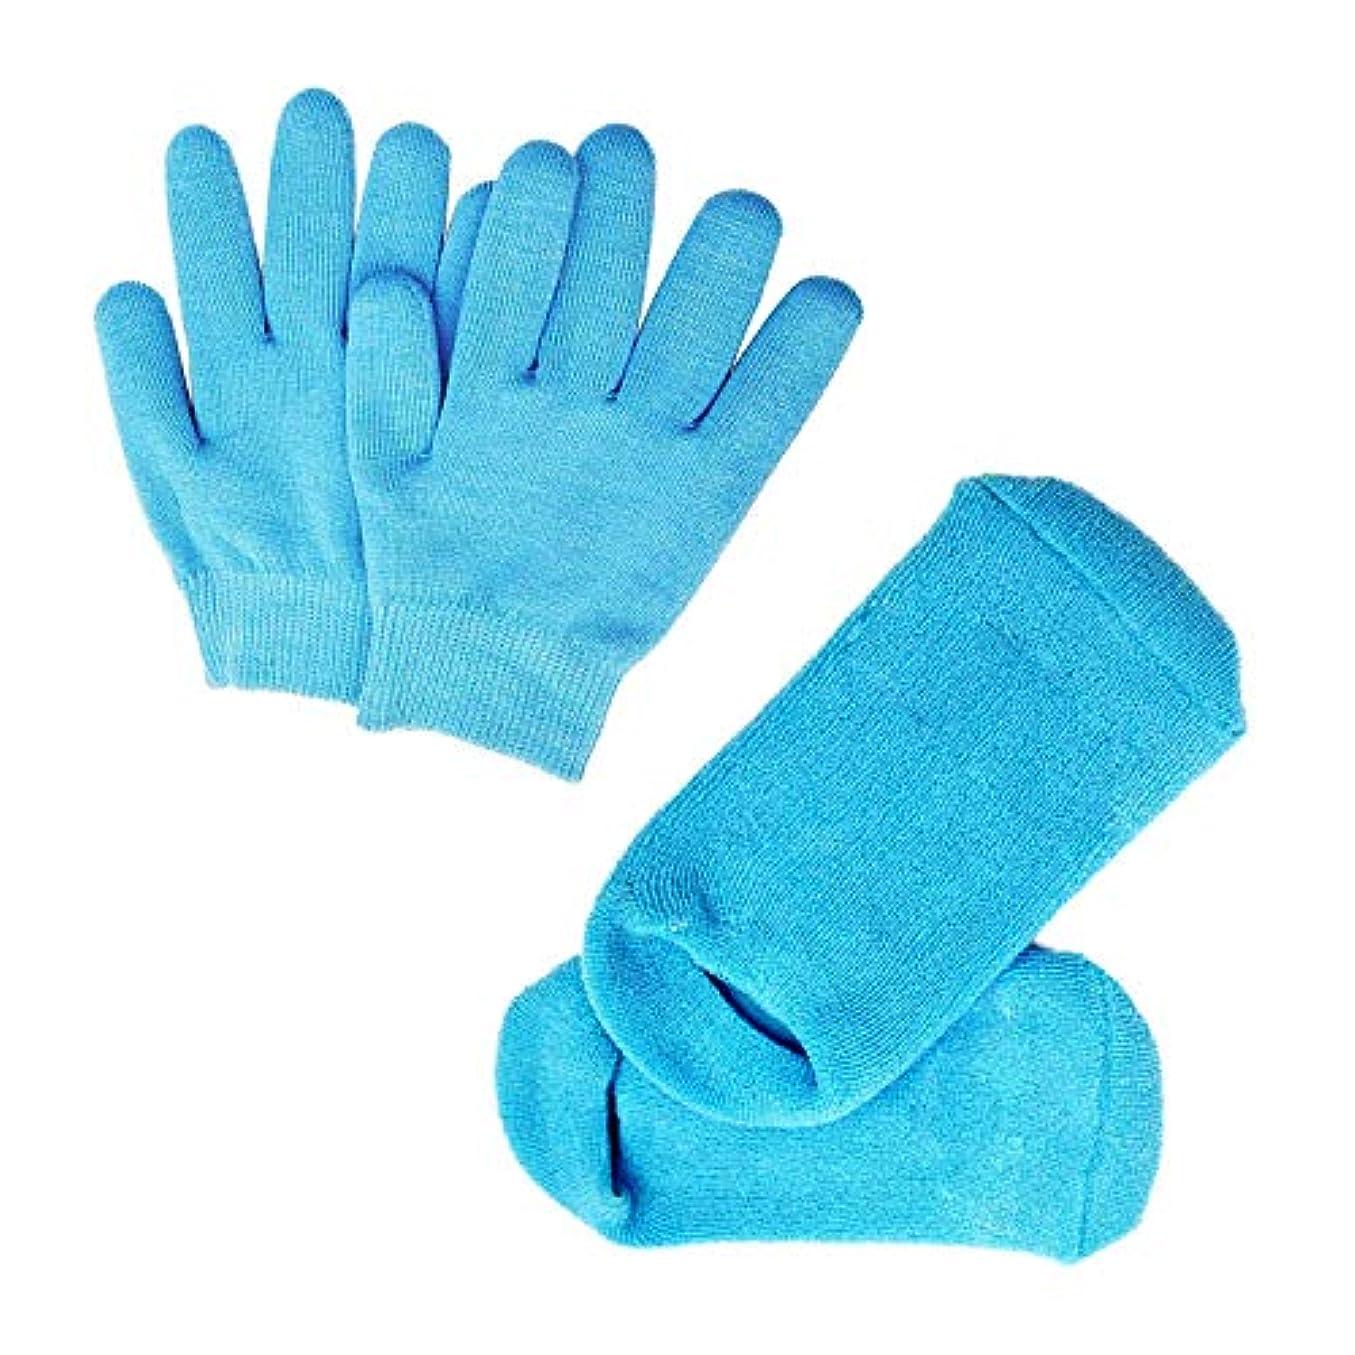 恥滑る免除するPinkiou 眠る森のSPAジェルグローブ/SPAジェルソックス ハンドケアグローブ/フットケアソックス 角質取り 保湿 かかとケア オープントゥ 素肌美人 靴下と手袋 一セット スバ いいお肌になりましょう(ブルー)